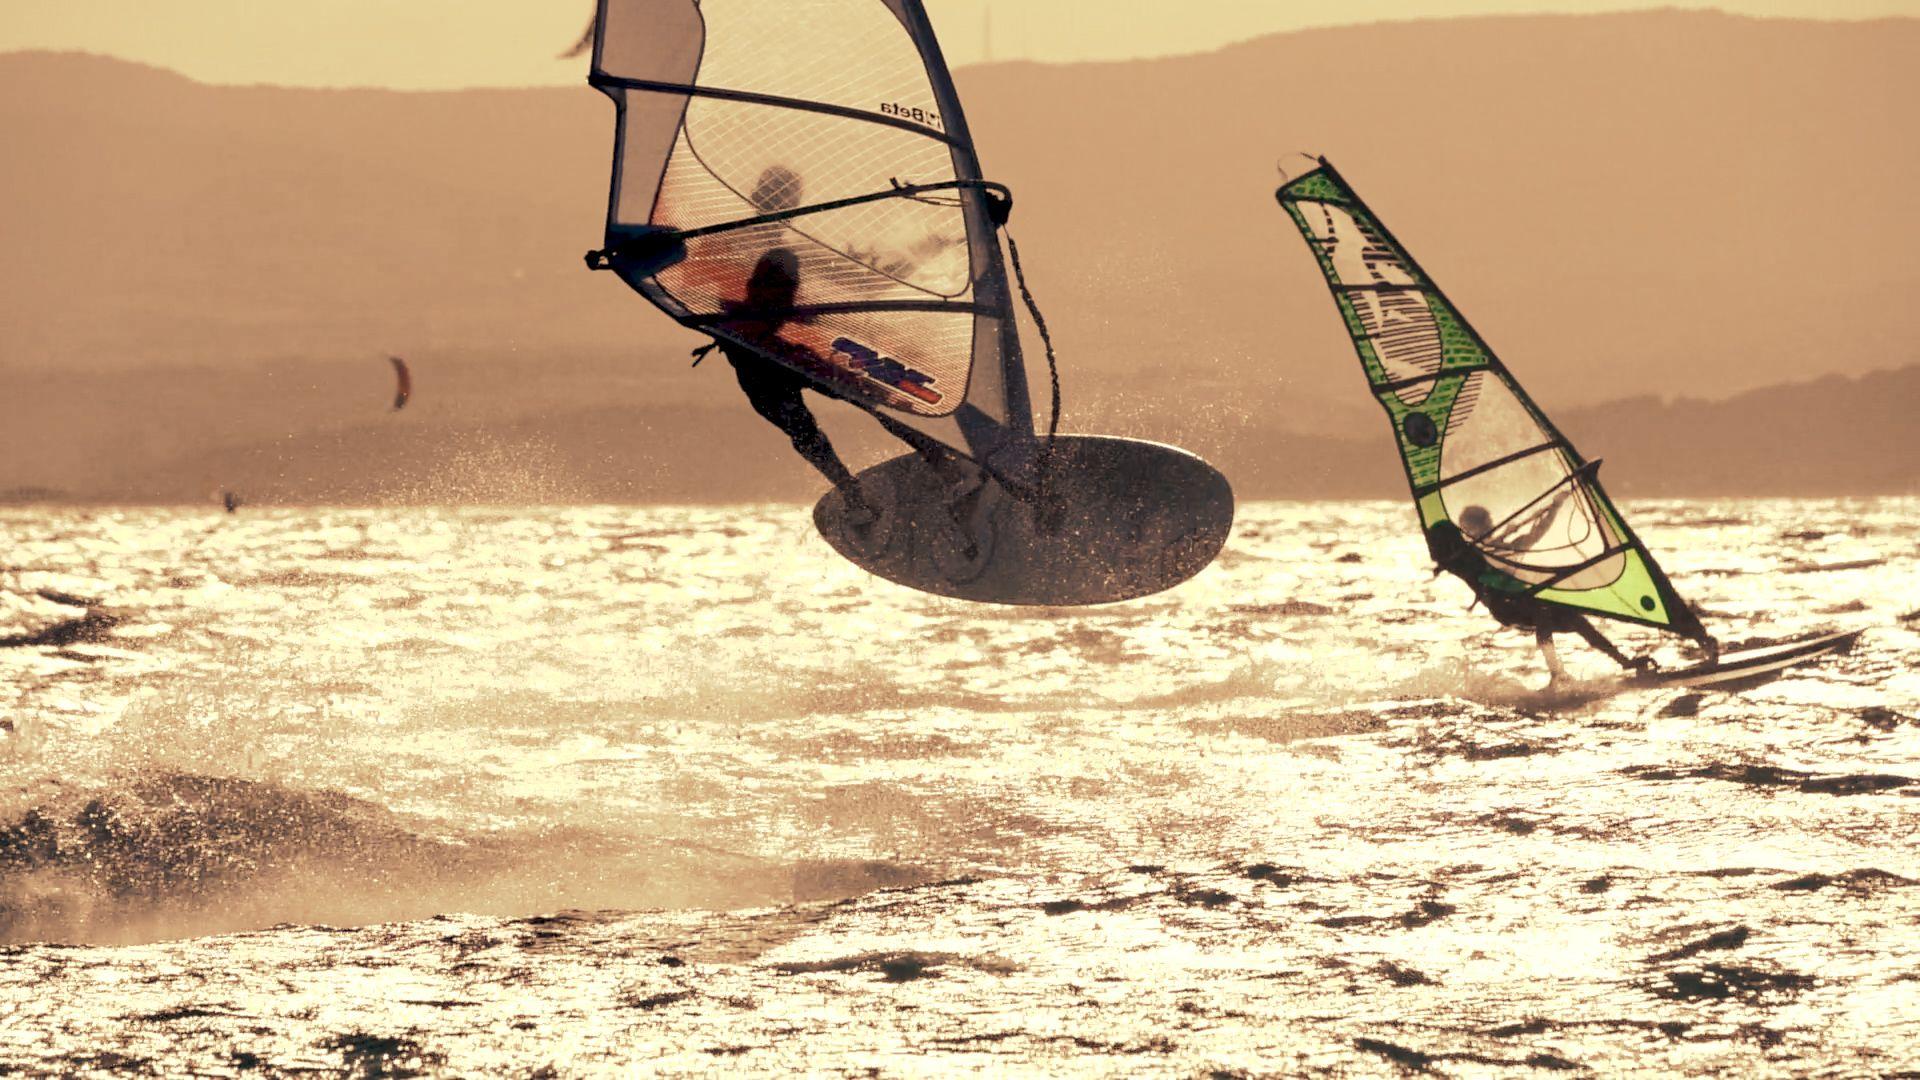 Windsurfing paradise